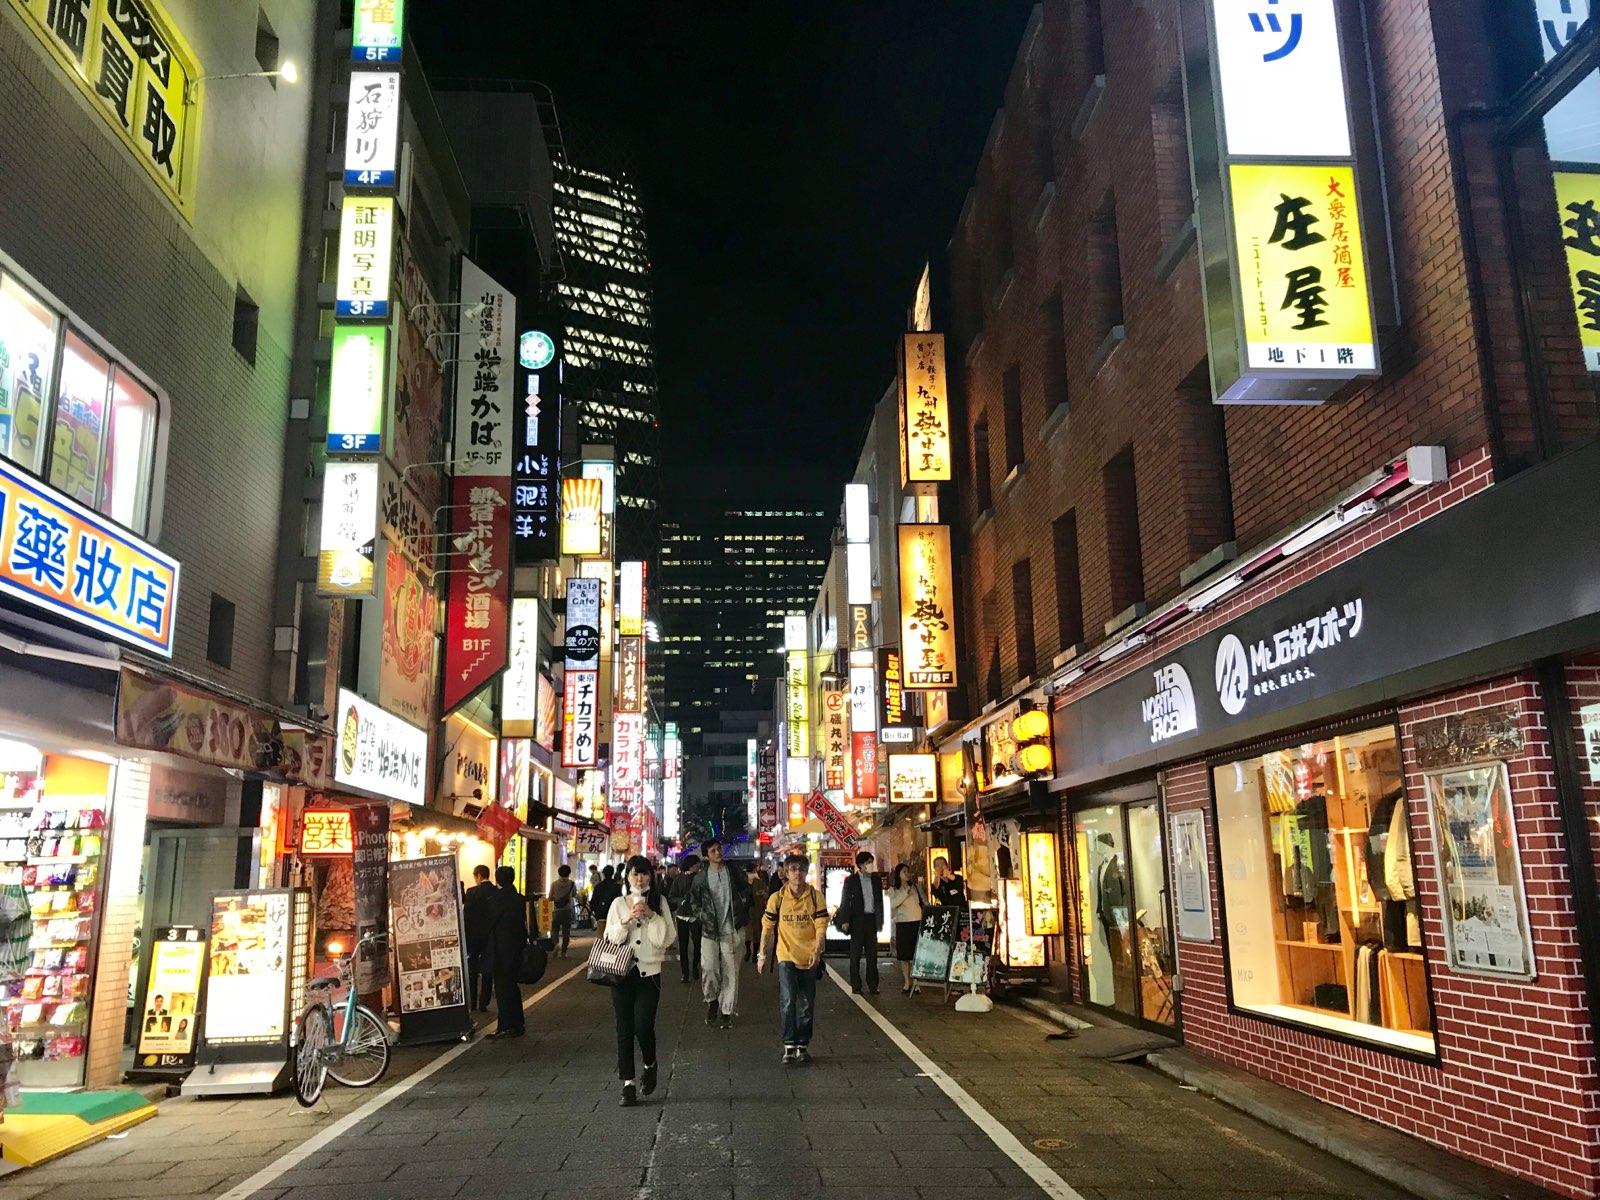 Shinjuku neon light displays, Tokyo, Japan